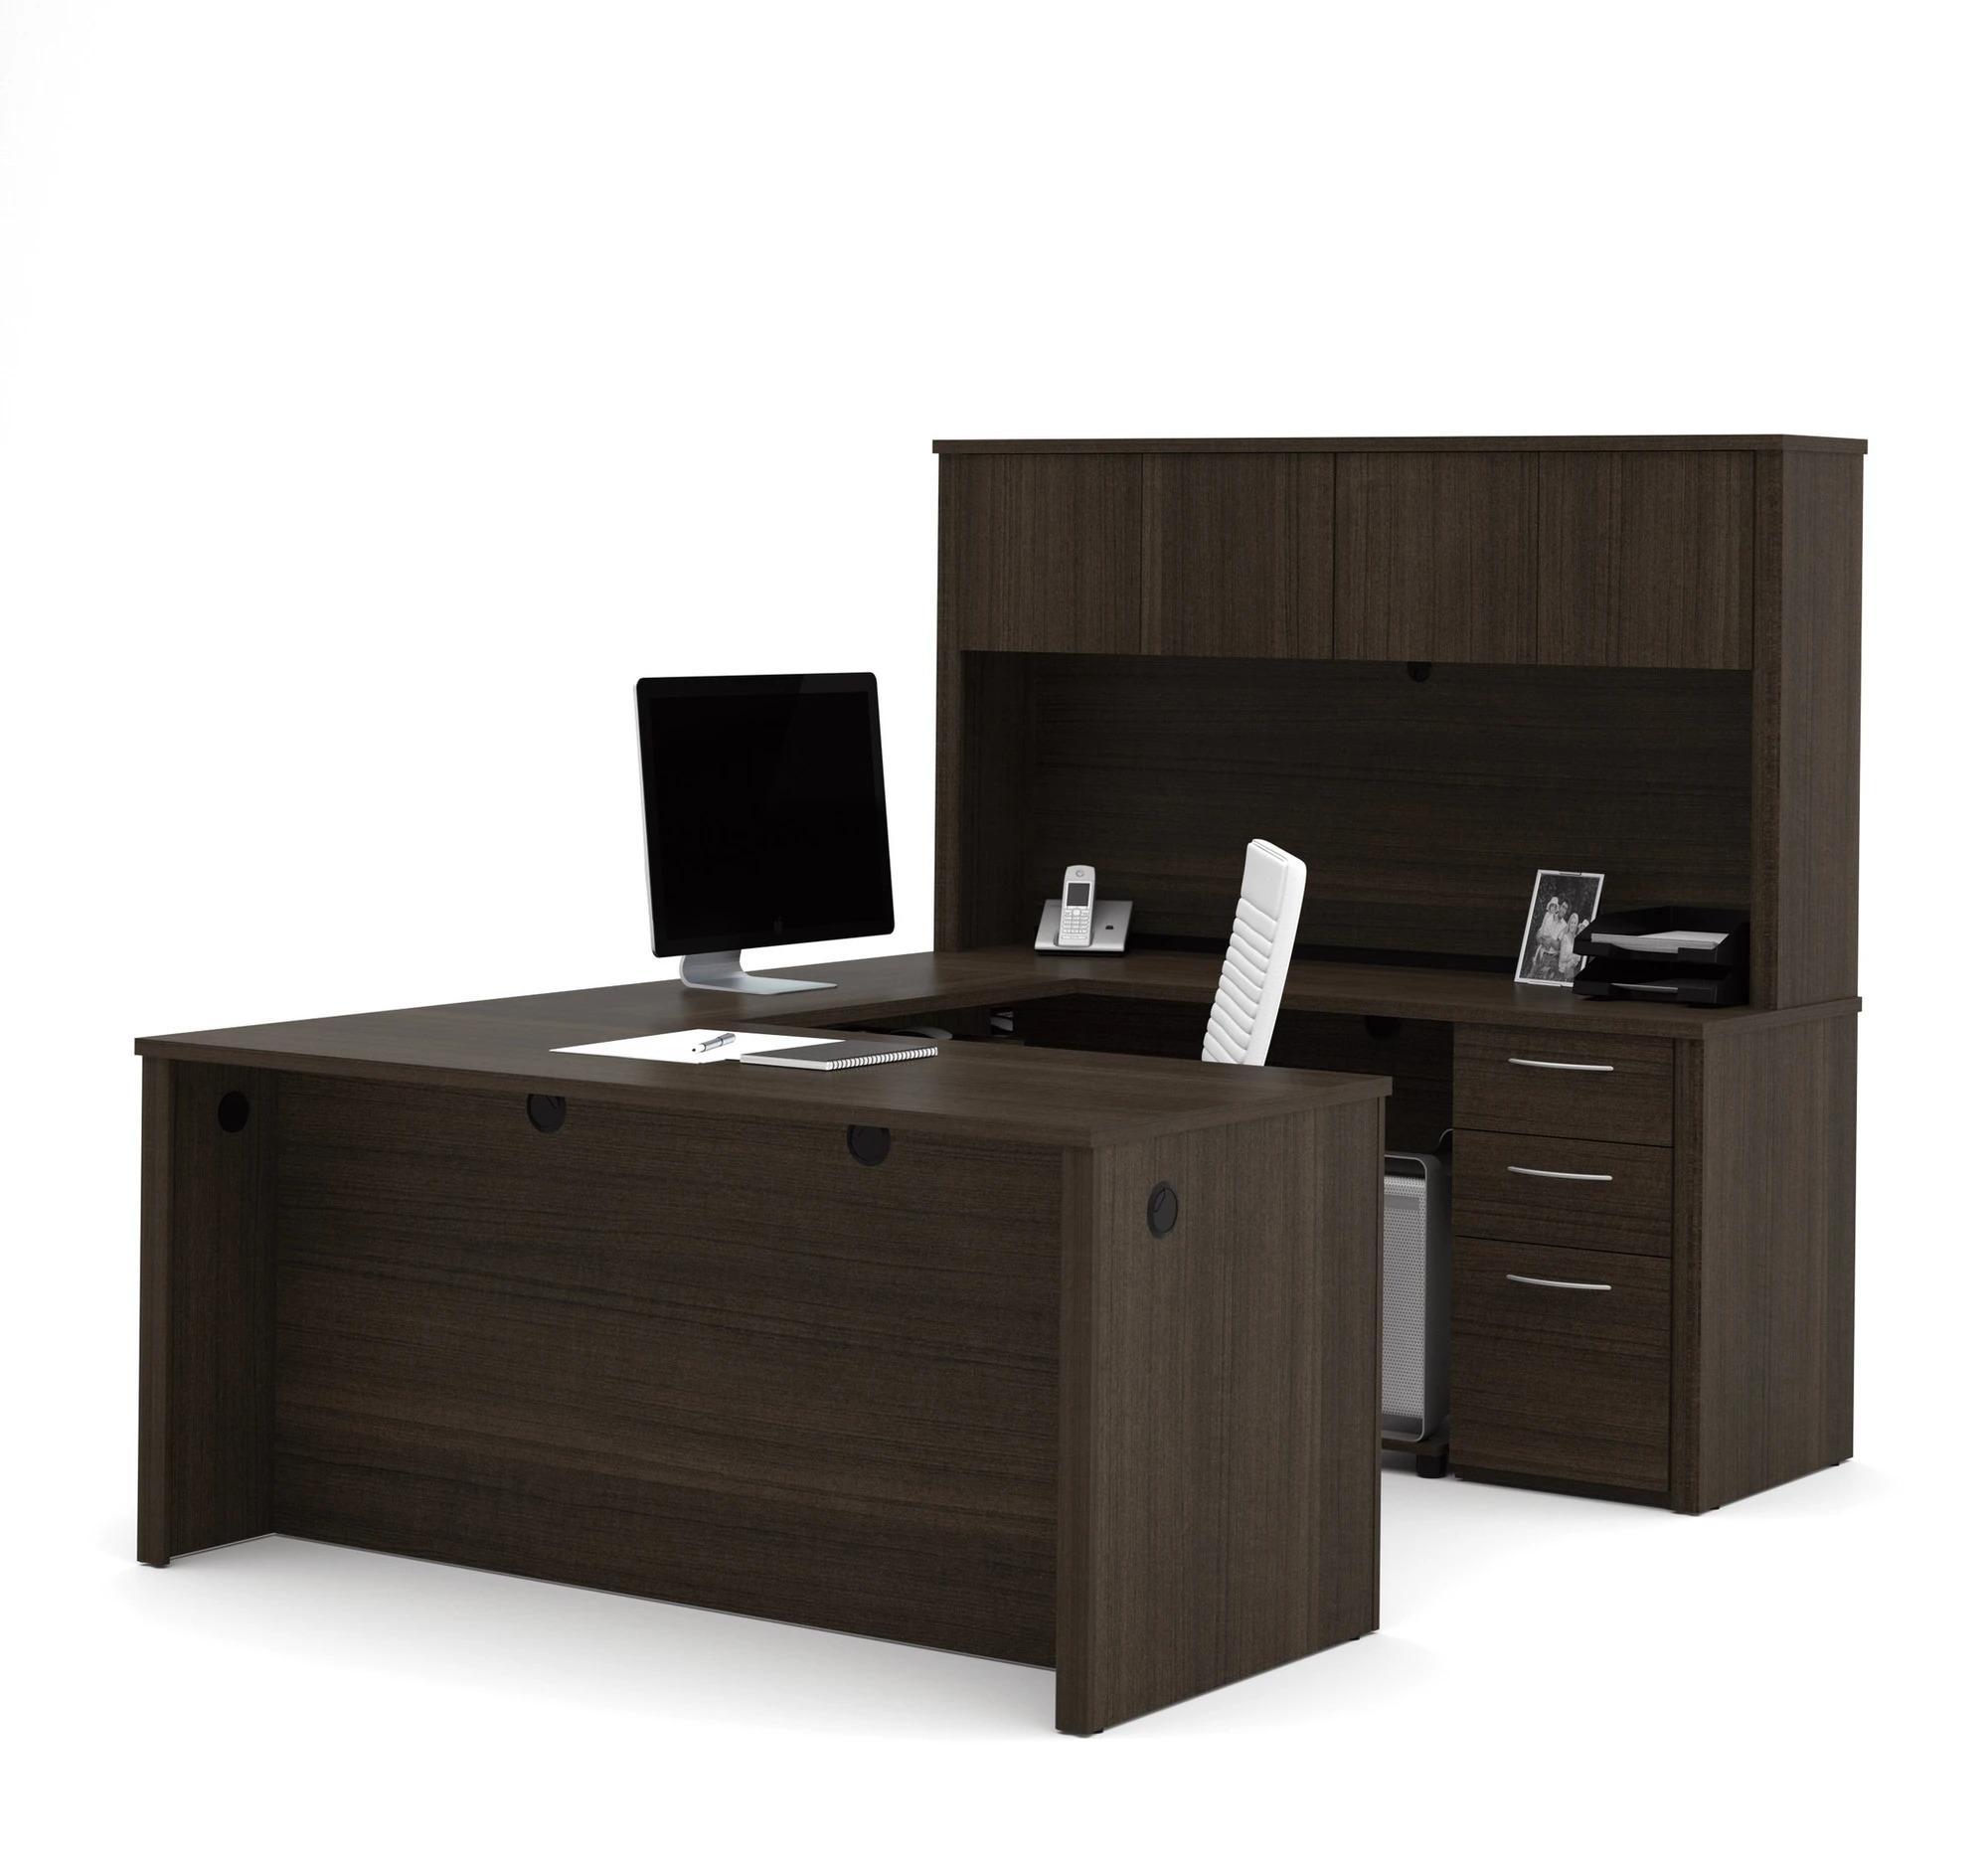 thiết kế văn phòng và cung cấp sản phẩm trọn gói